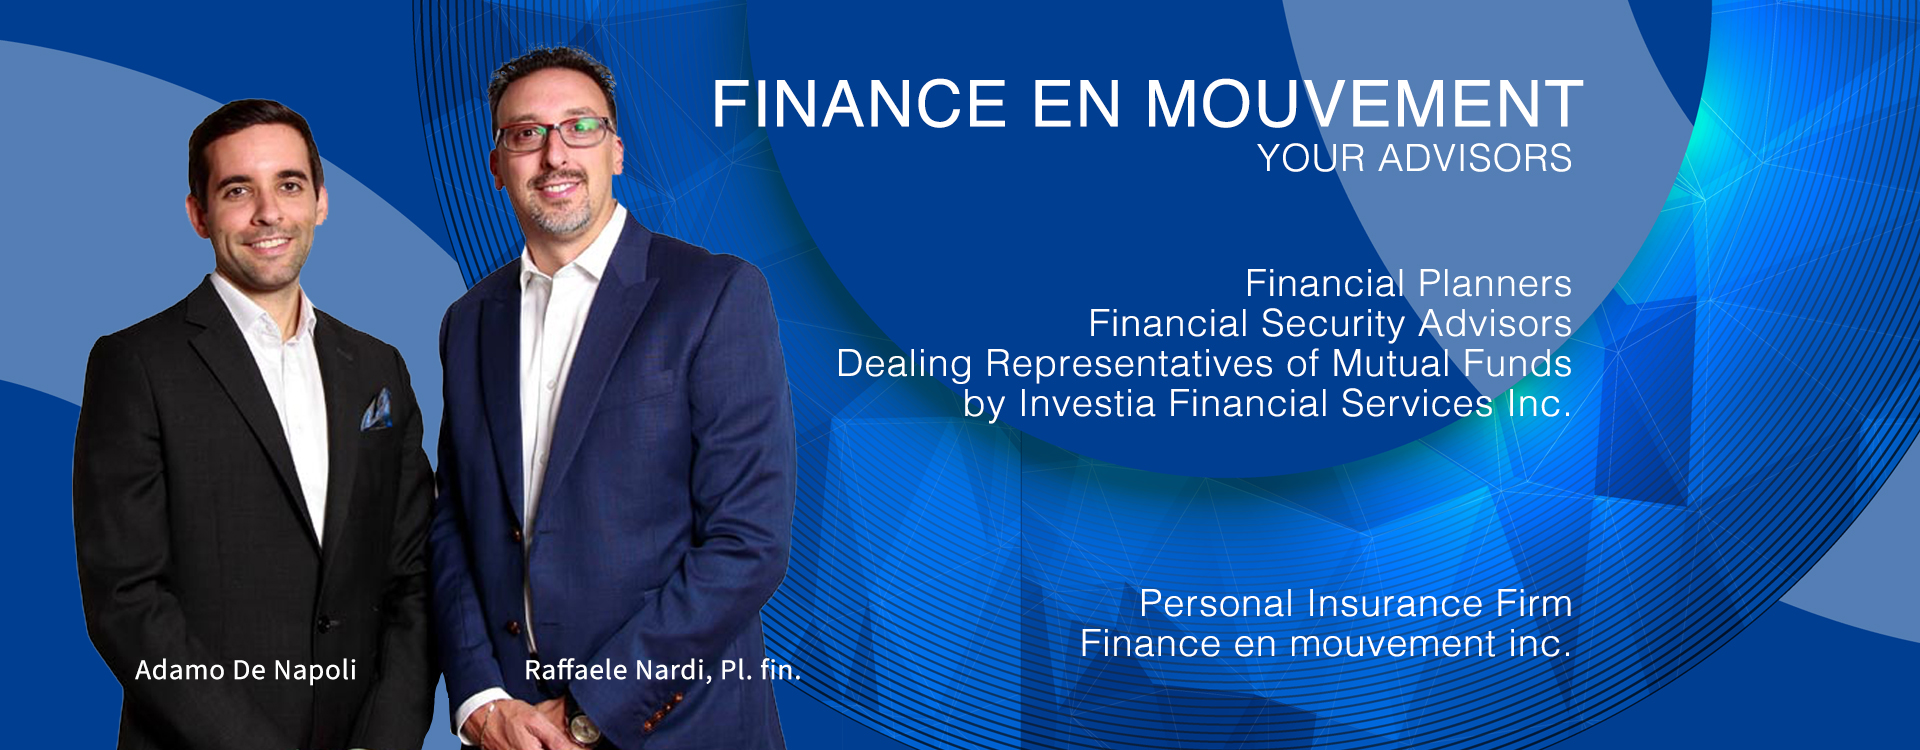 finance-en-mouvement_header-1920x750_en